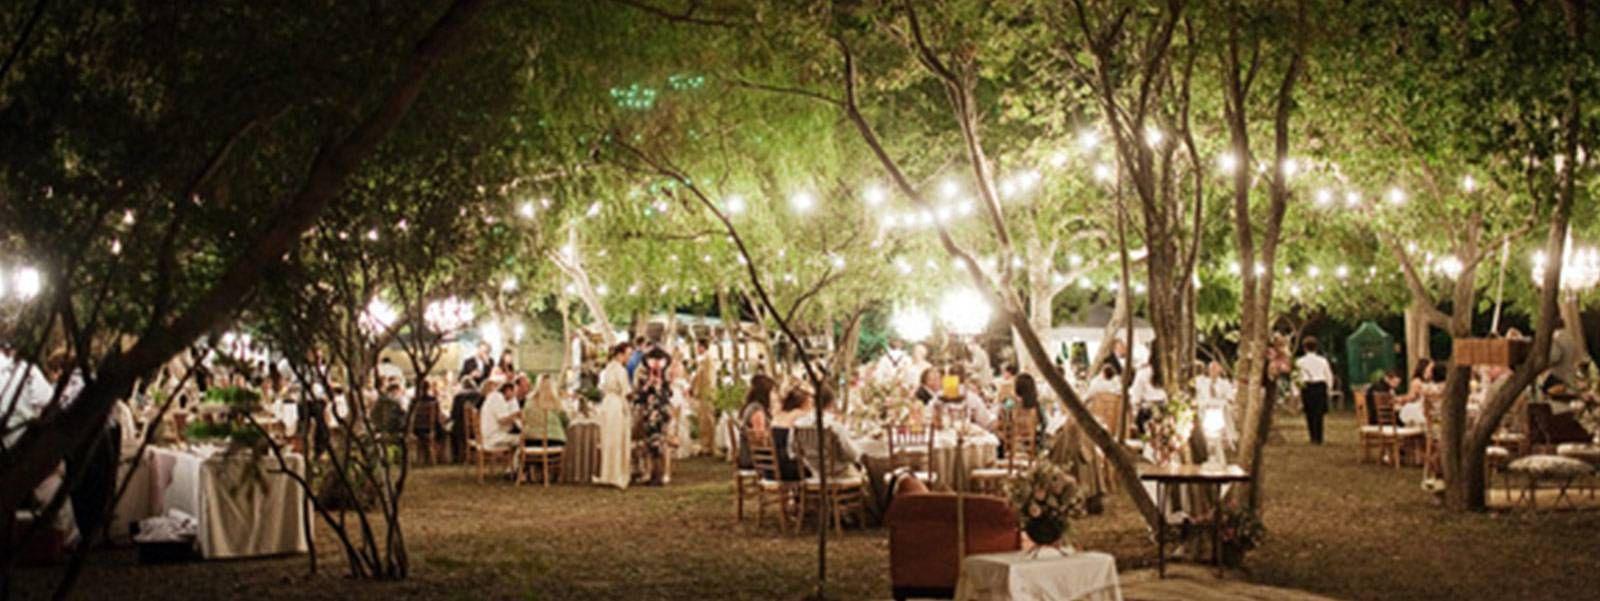 Outdoor-Party-Lighting.jpg 1,600×601 pixels   Harriet's Board for ...